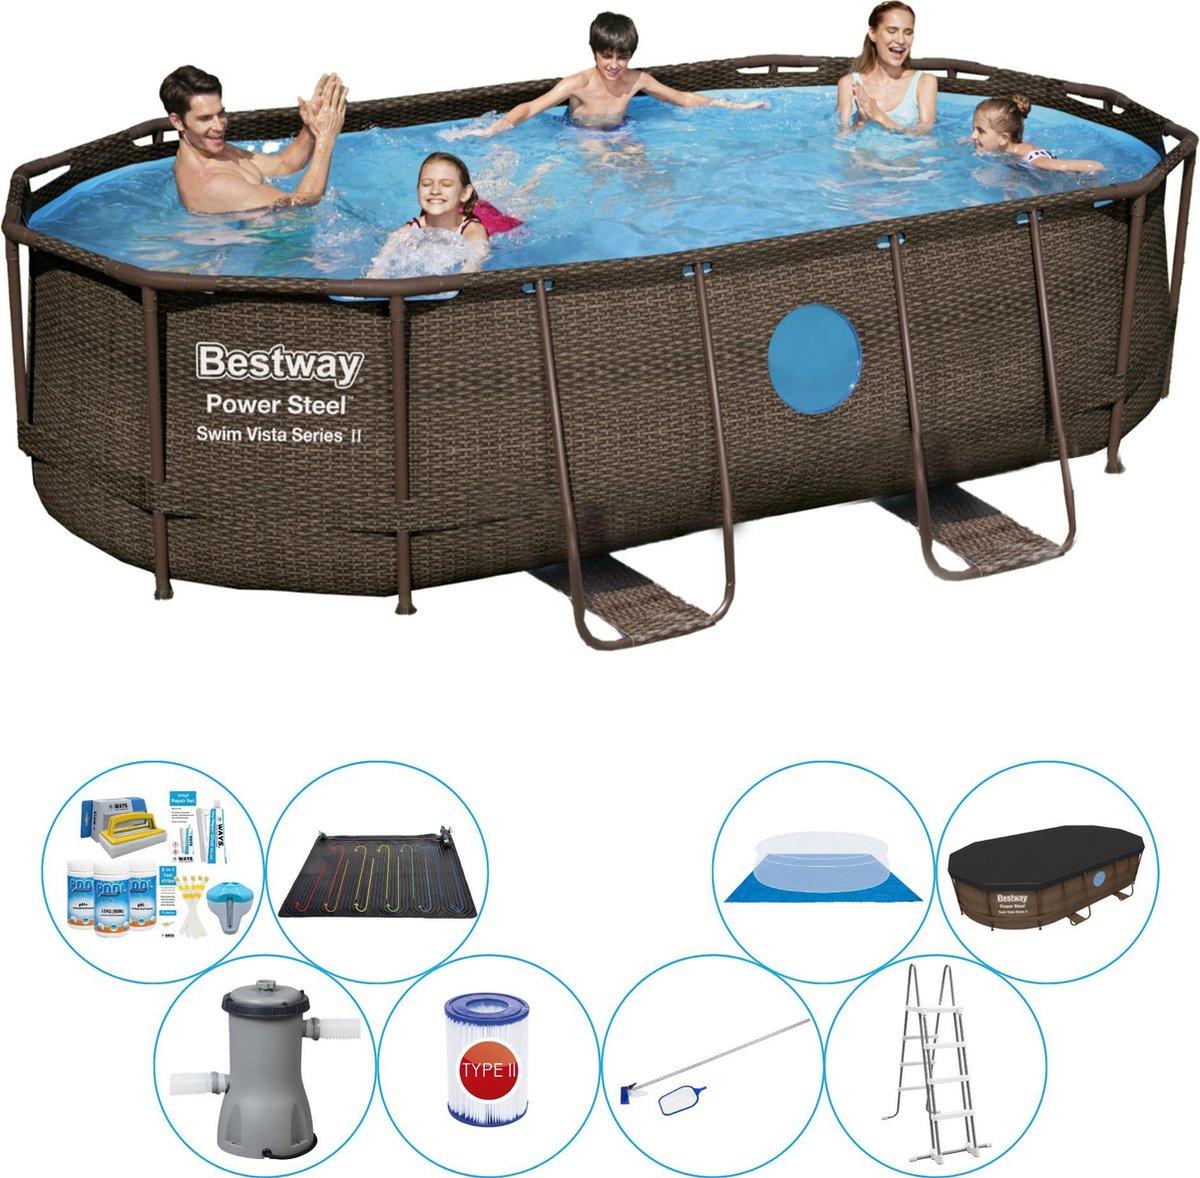 Bestway Power Steel Swim Vista OVAAL 427x250x100 cm - Zwembad Comfort Pakket